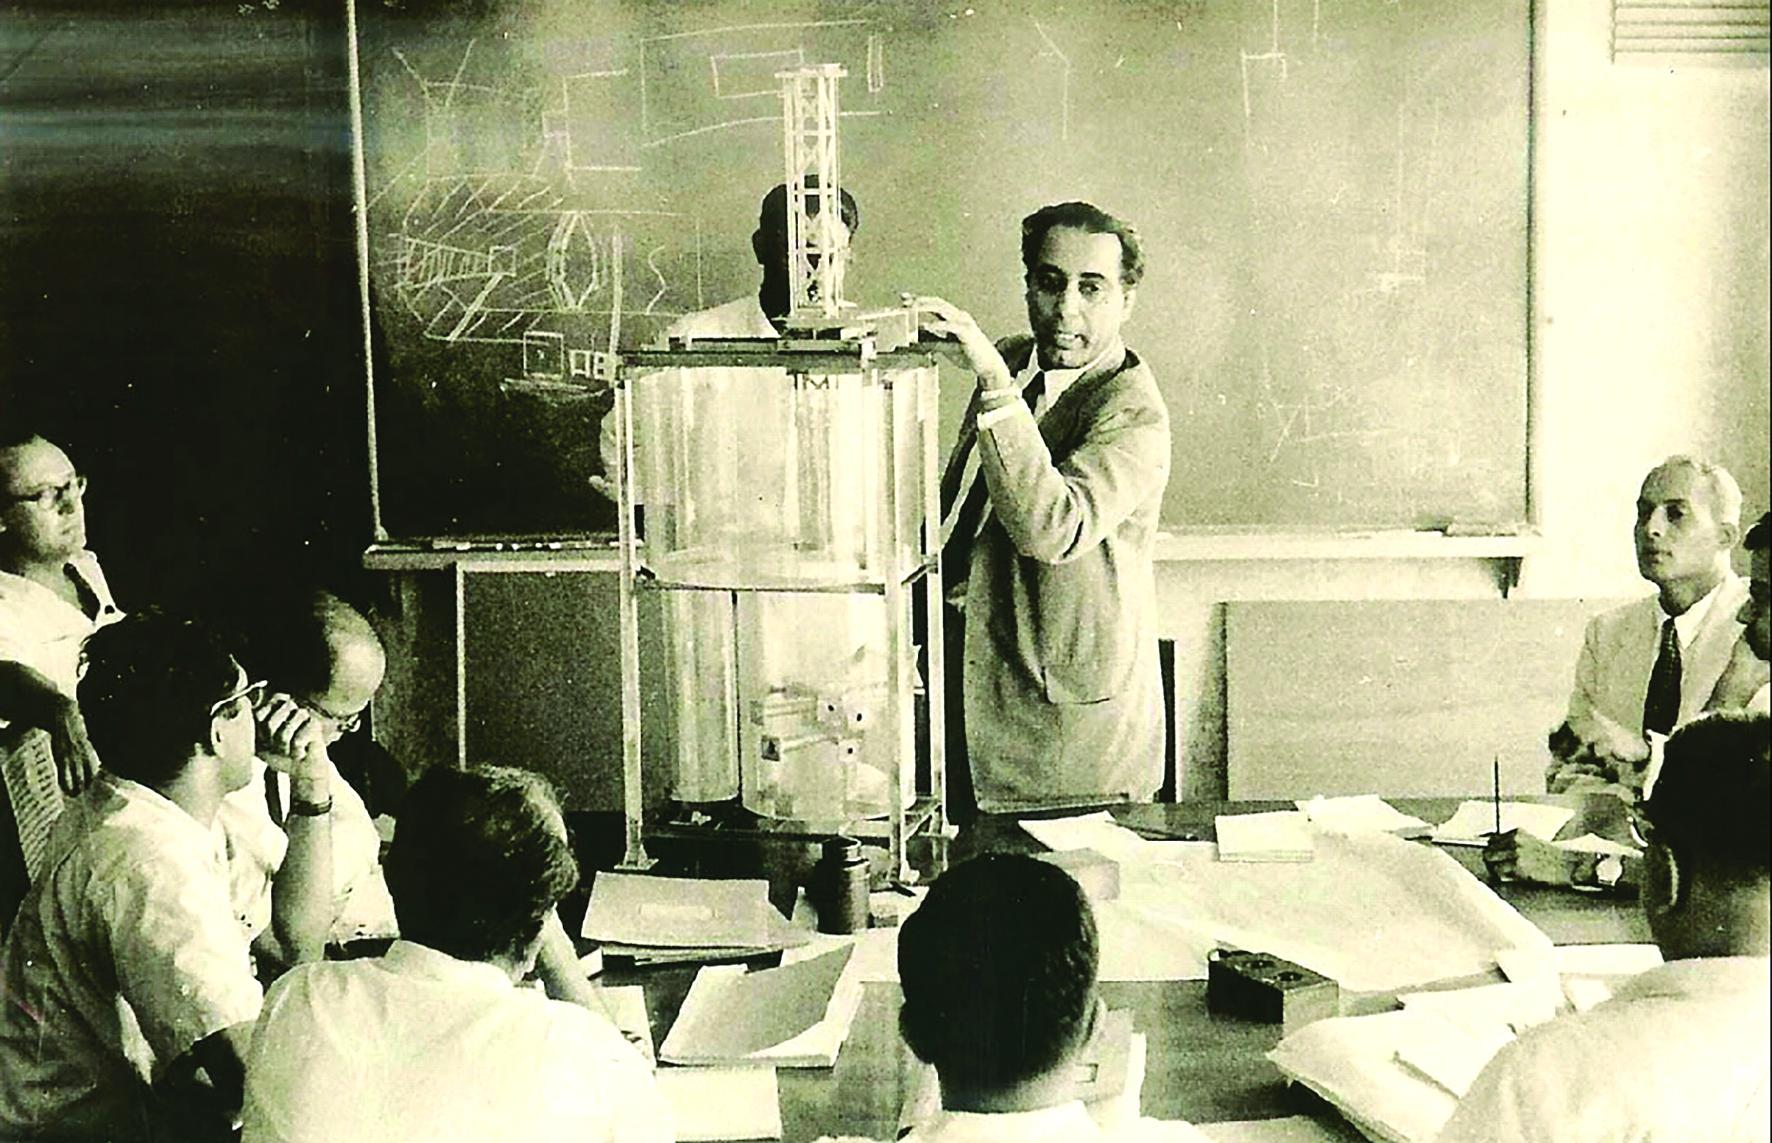 Phát triển năng lượng nguyên tử: Kinh nghiệm của người Ấn 1